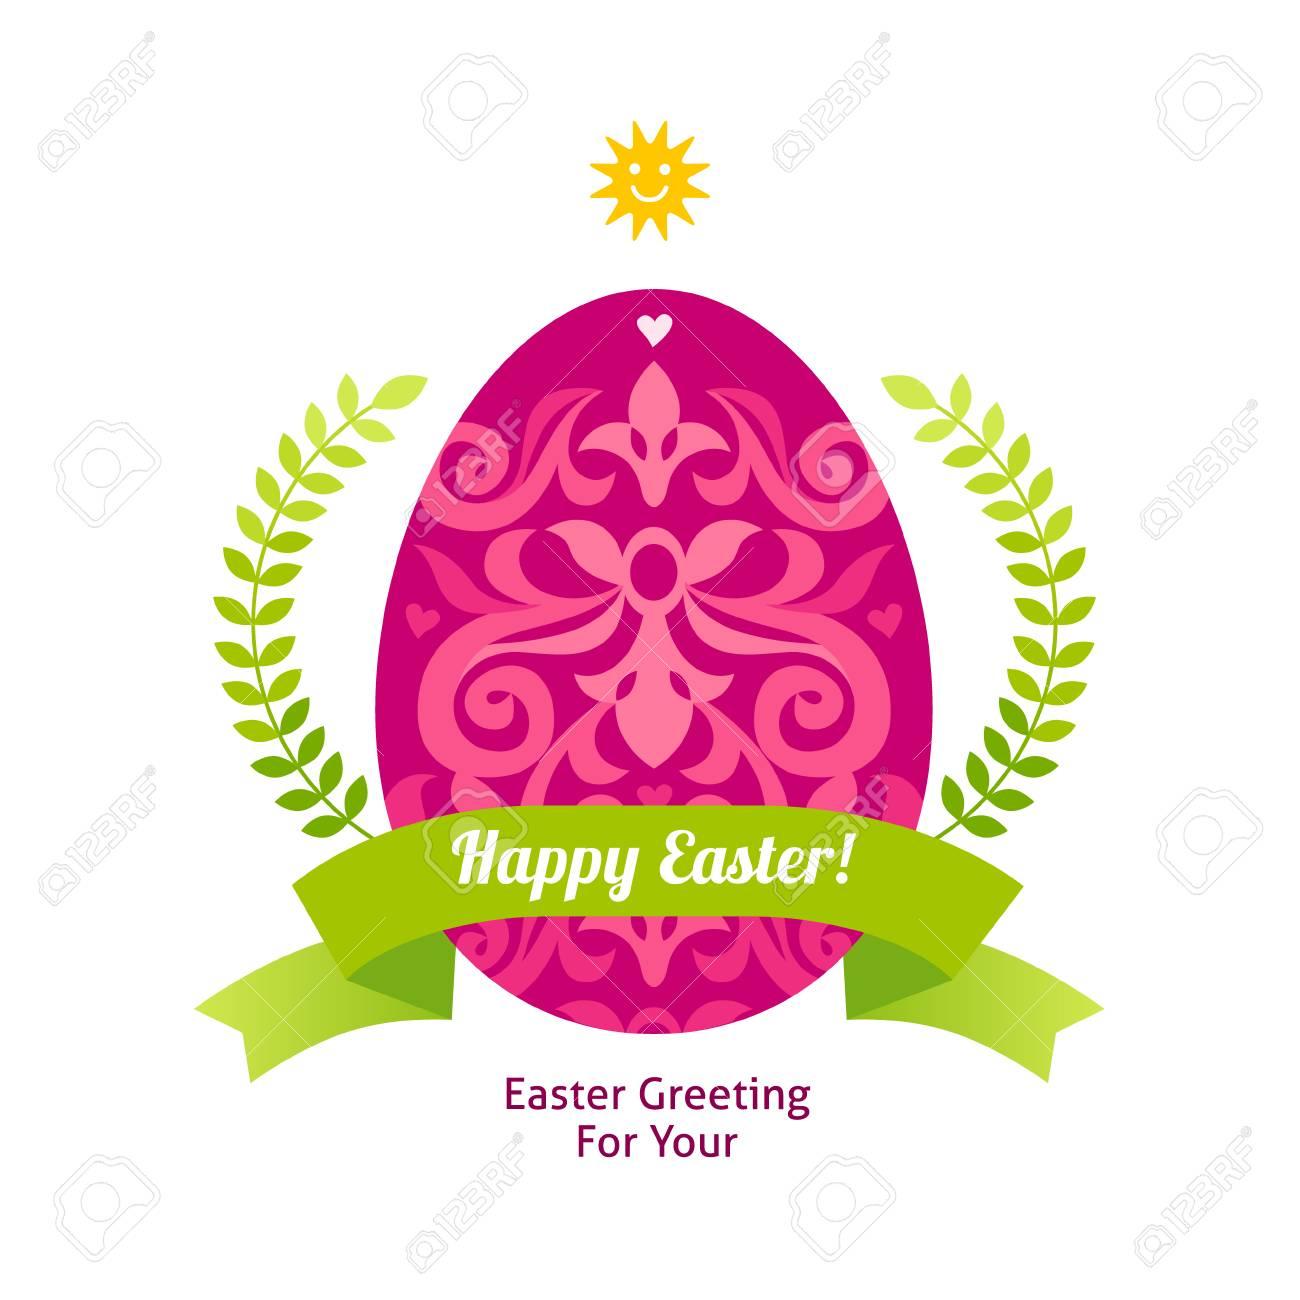 Floral ornamental egg for spring design bright element for happy floral ornamental egg for spring design bright element for happy easter greeting hipster label m4hsunfo Images